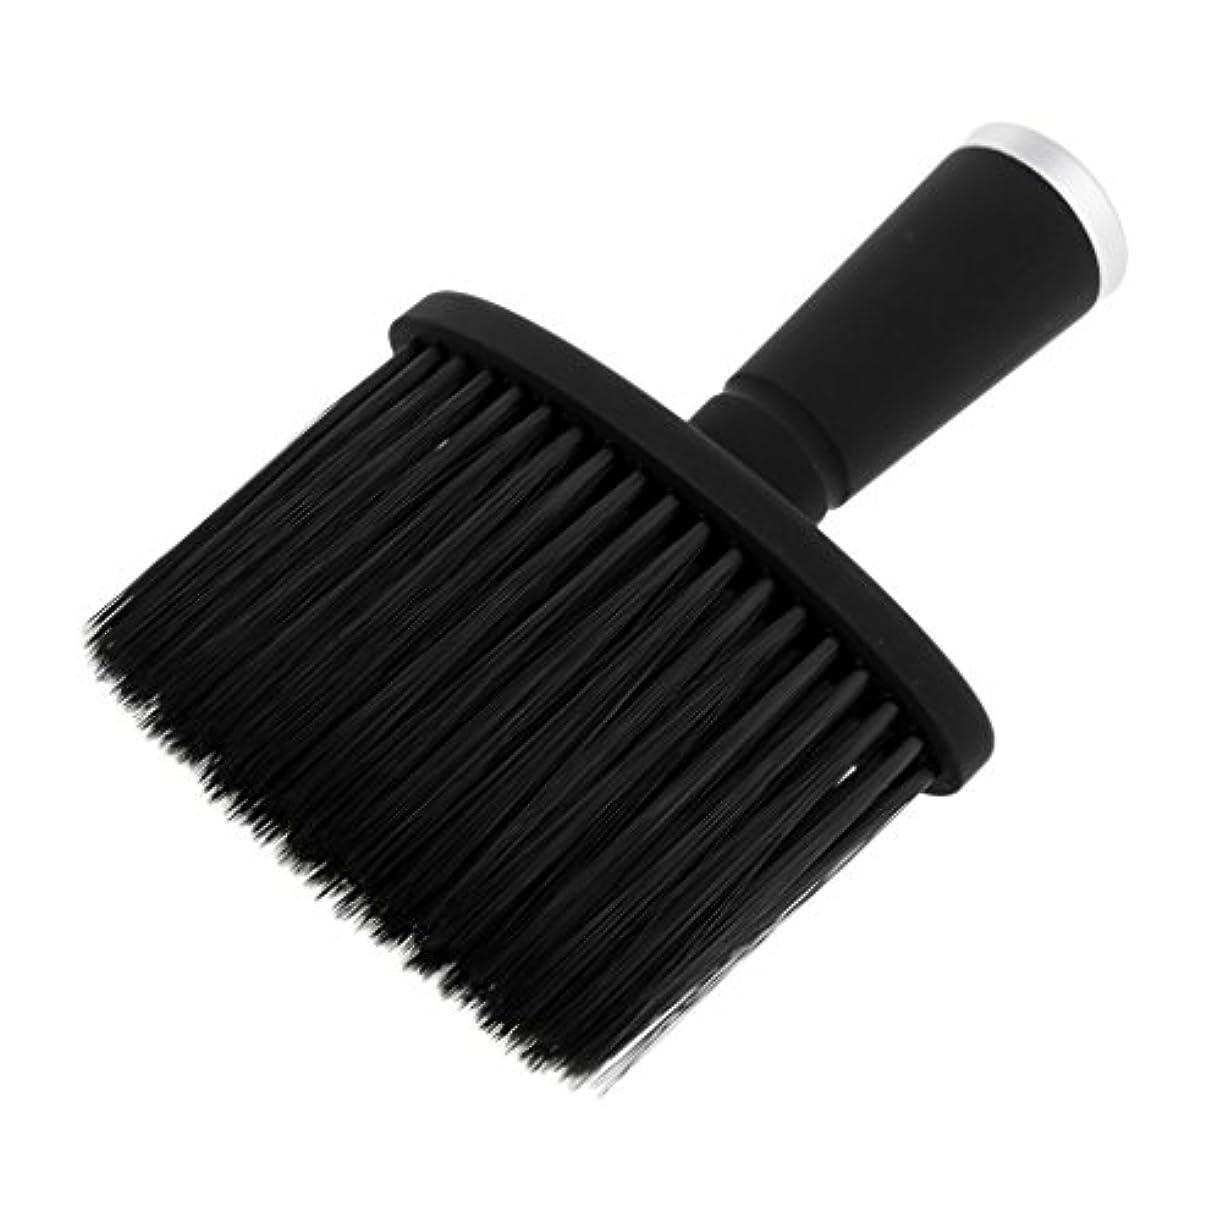 被害者悪用シガレット大広間のスタイリストの理髪師の毛の切断の構造用具のための柔らかい首の塵払いのブラシ - 銀